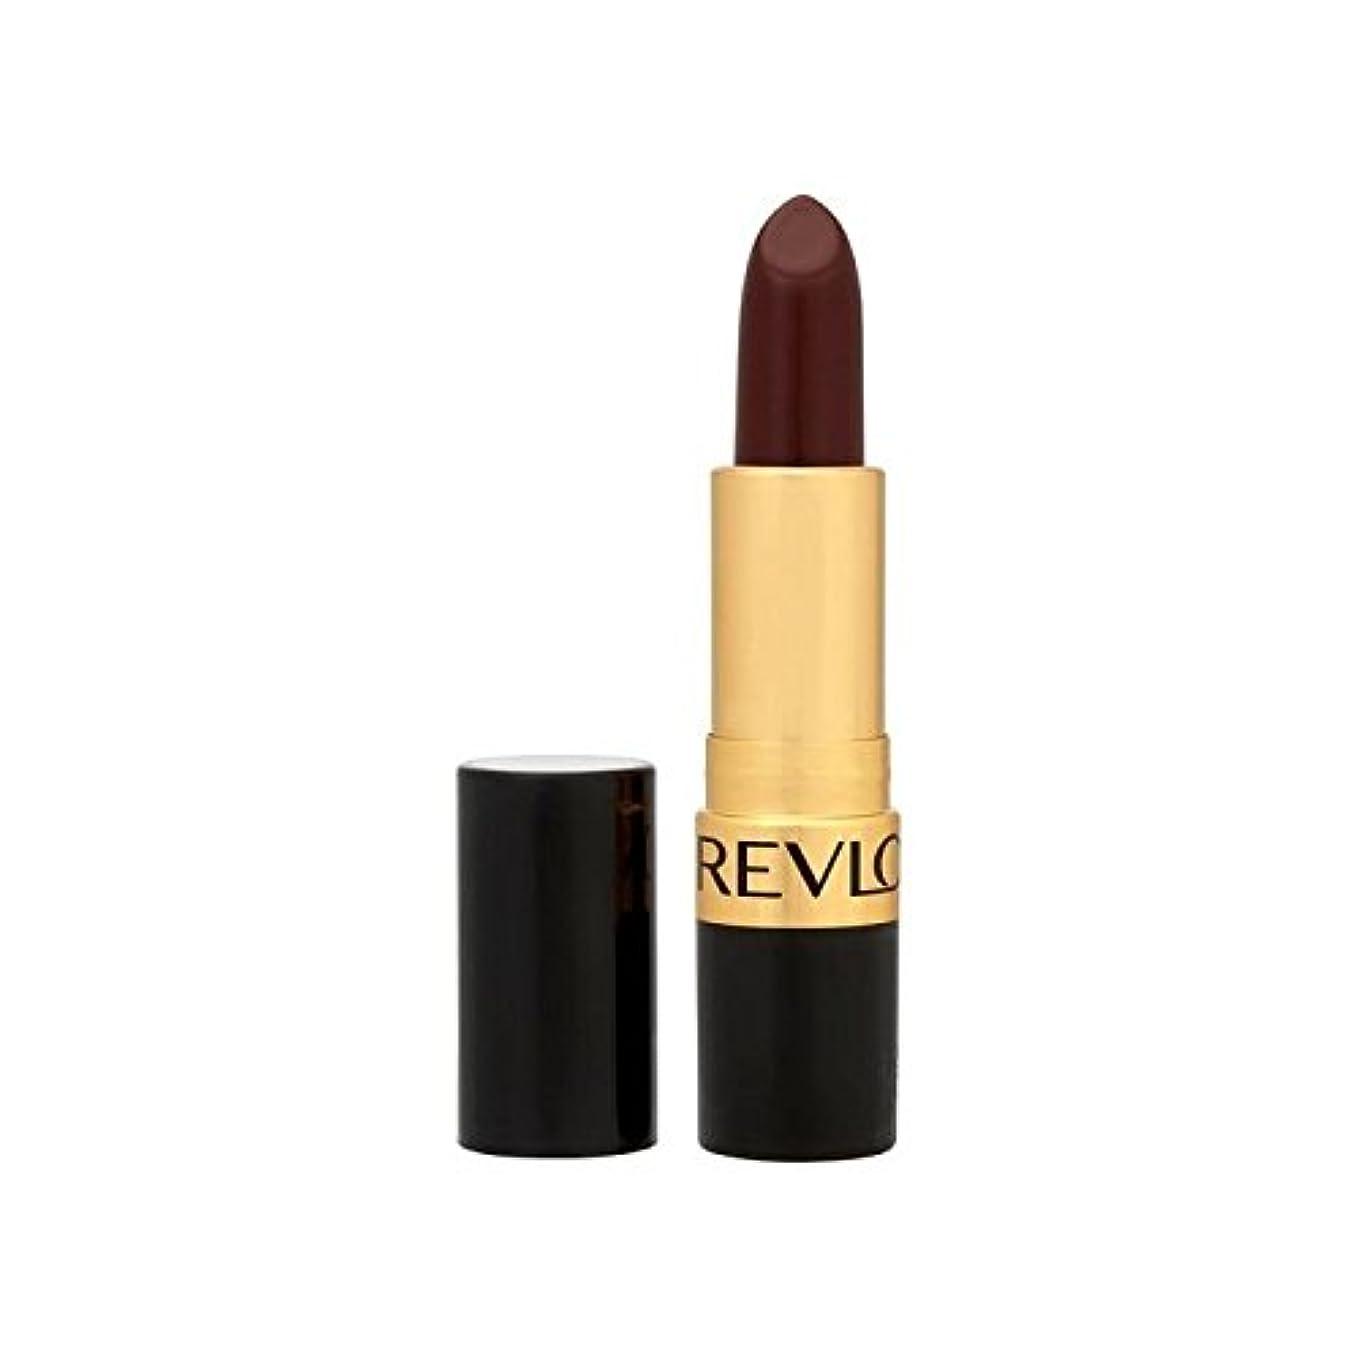 補償勝利した計算するレブロンスーパー光沢のある口紅ブラックチェリー477 x2 - Revlon Super Lustrous Lipstick Black Cherry 477 (Pack of 2) [並行輸入品]